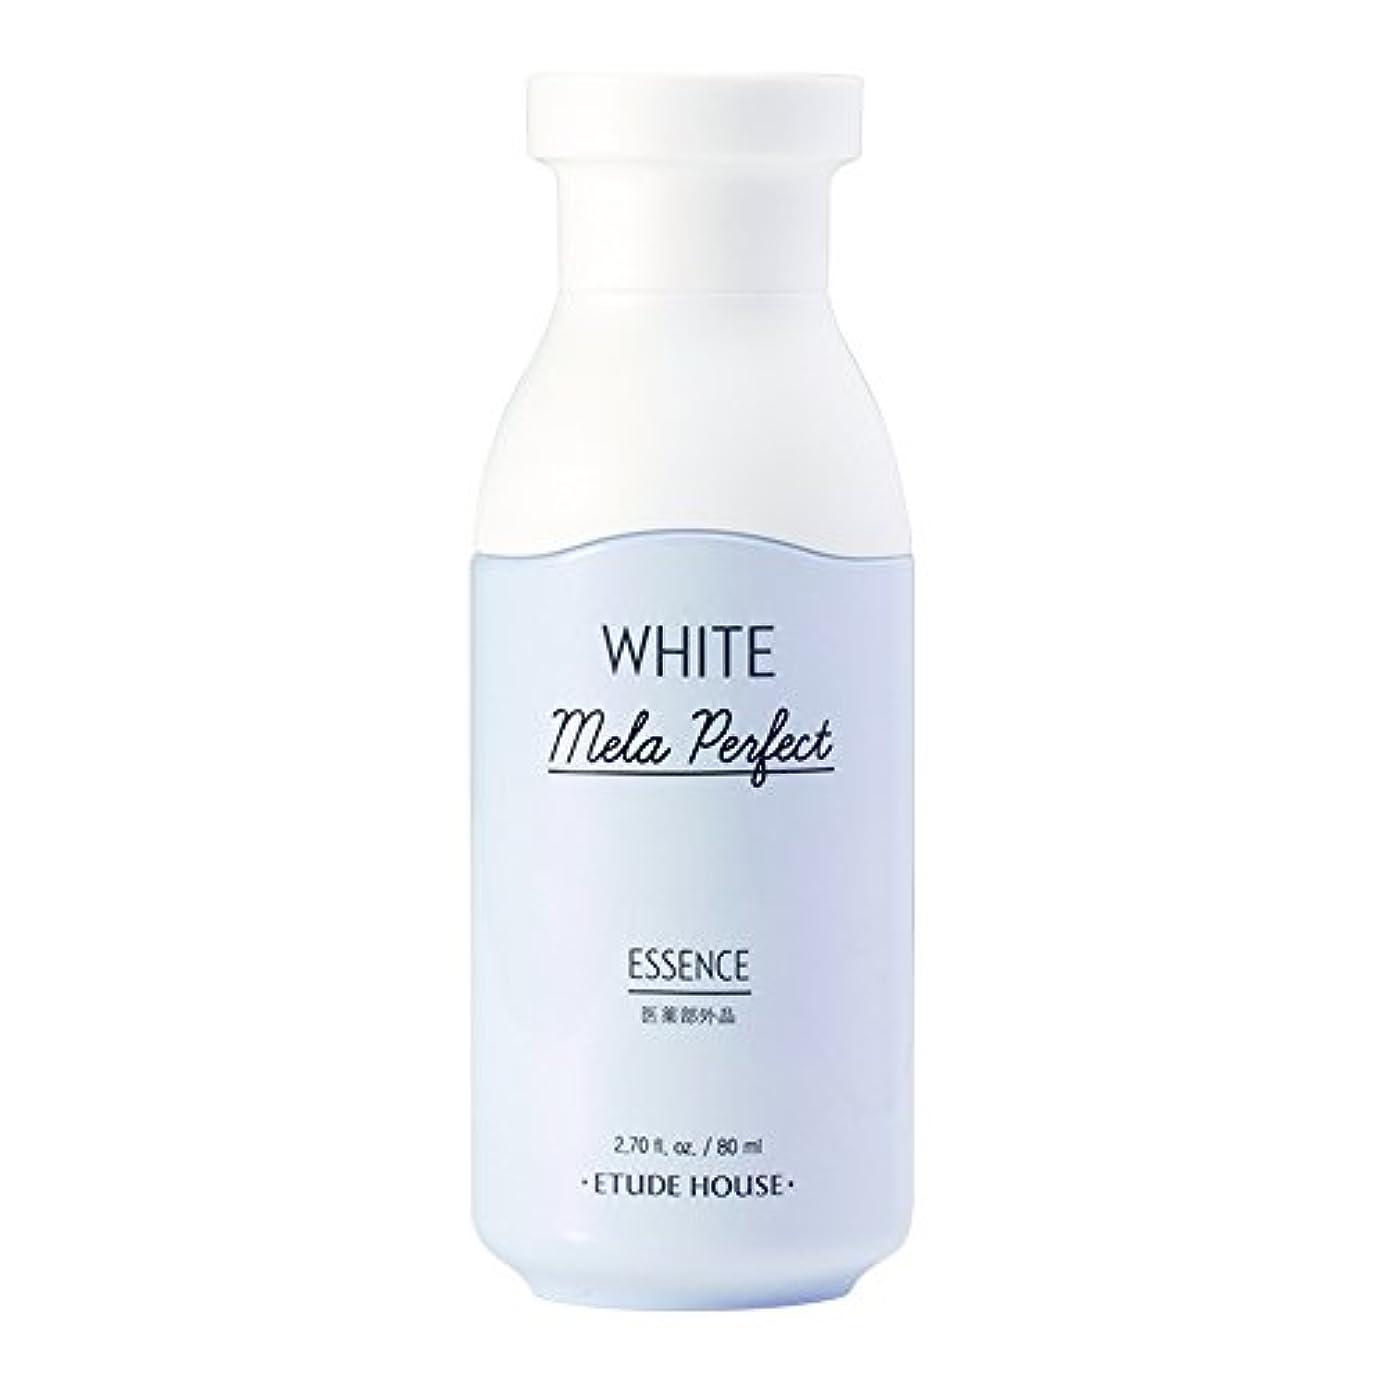 無視できる虚偽伝導エチュードハウス(ETUDE HOUSE) ホワイトメラパーフェクト エッセンス「美白美容液」